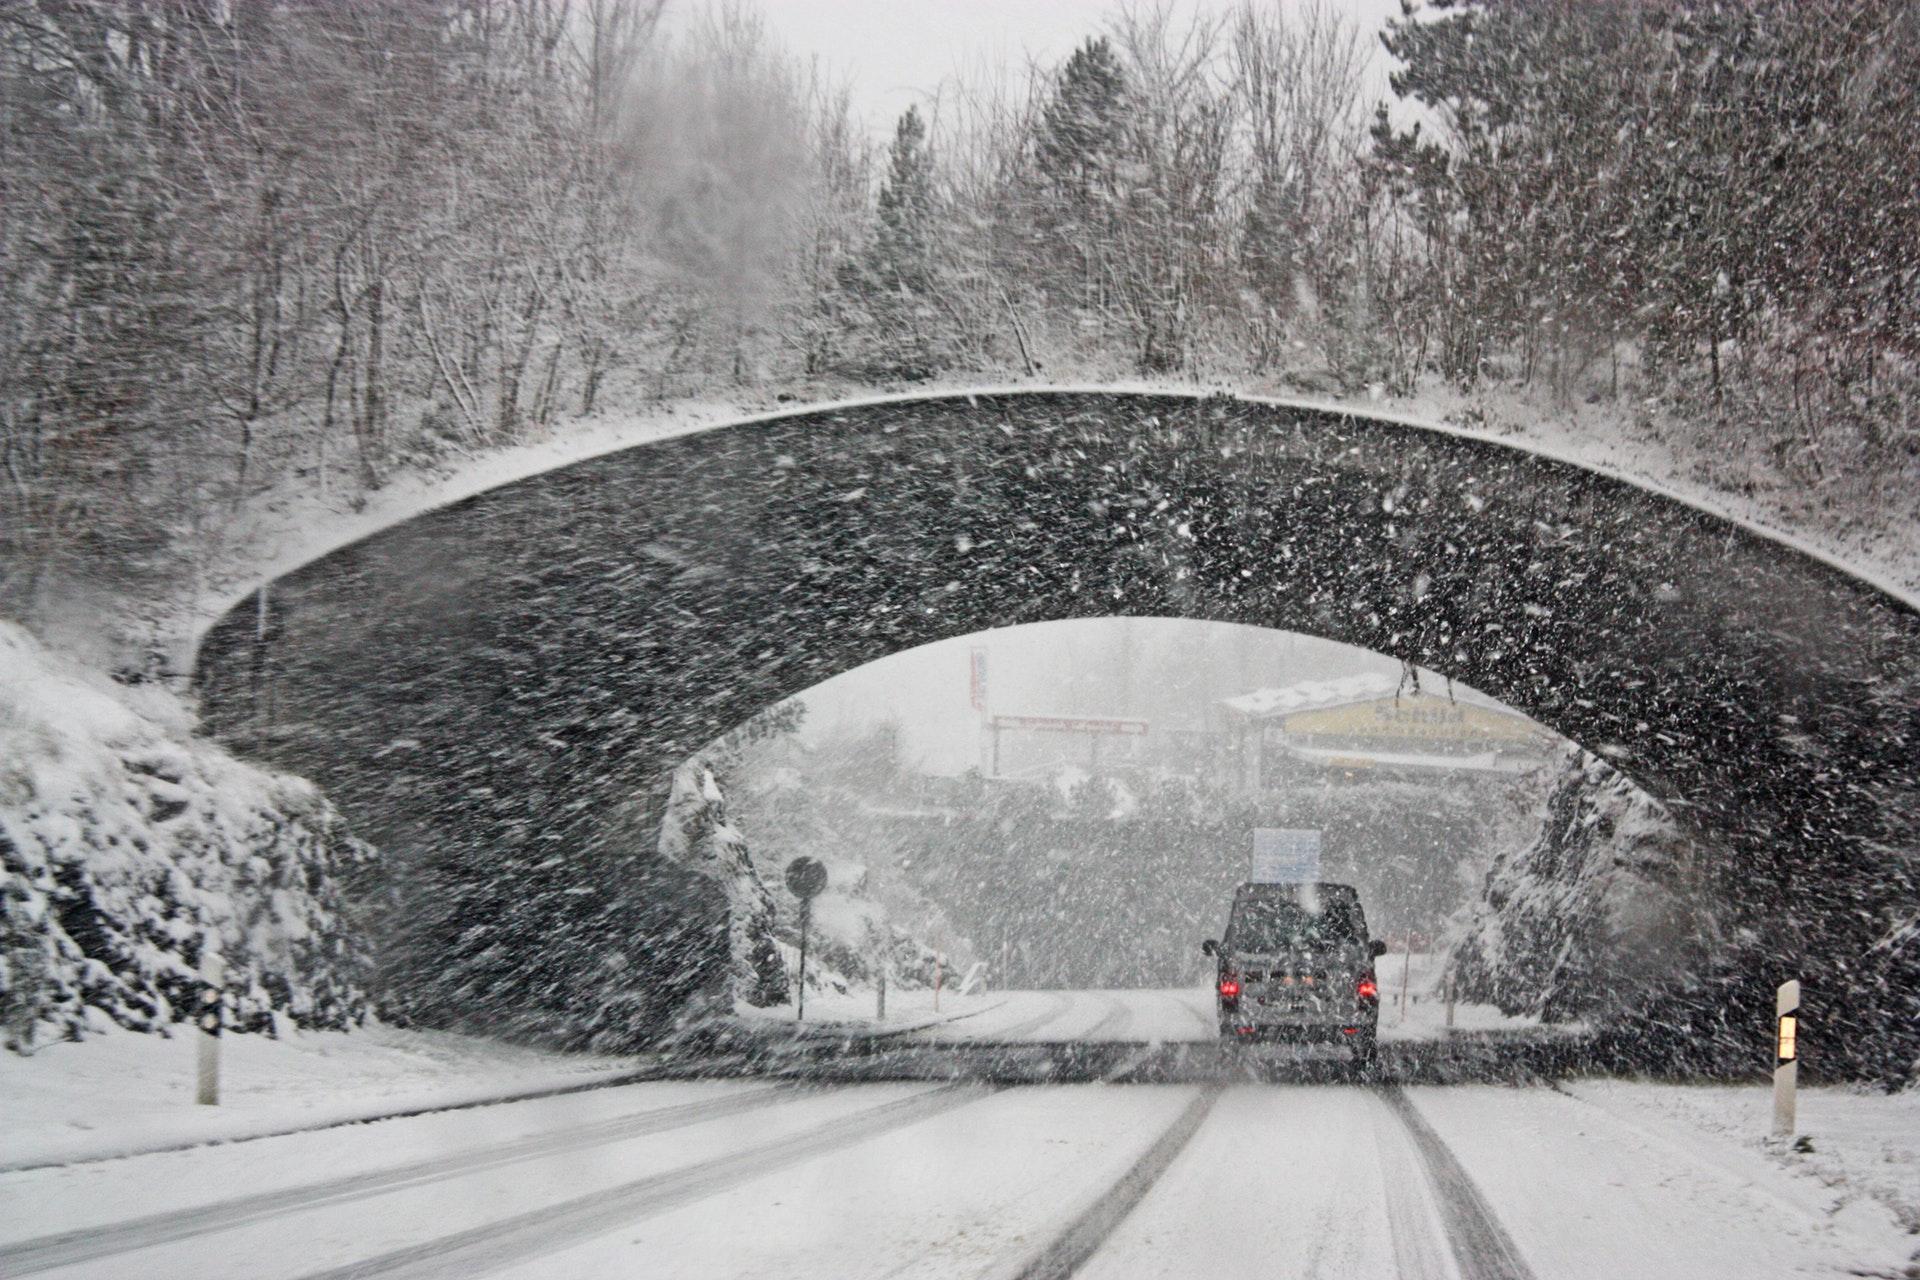 Voiture autonome Waymo: pourquoi voir à travers les flocons de neige est une vraie avancée